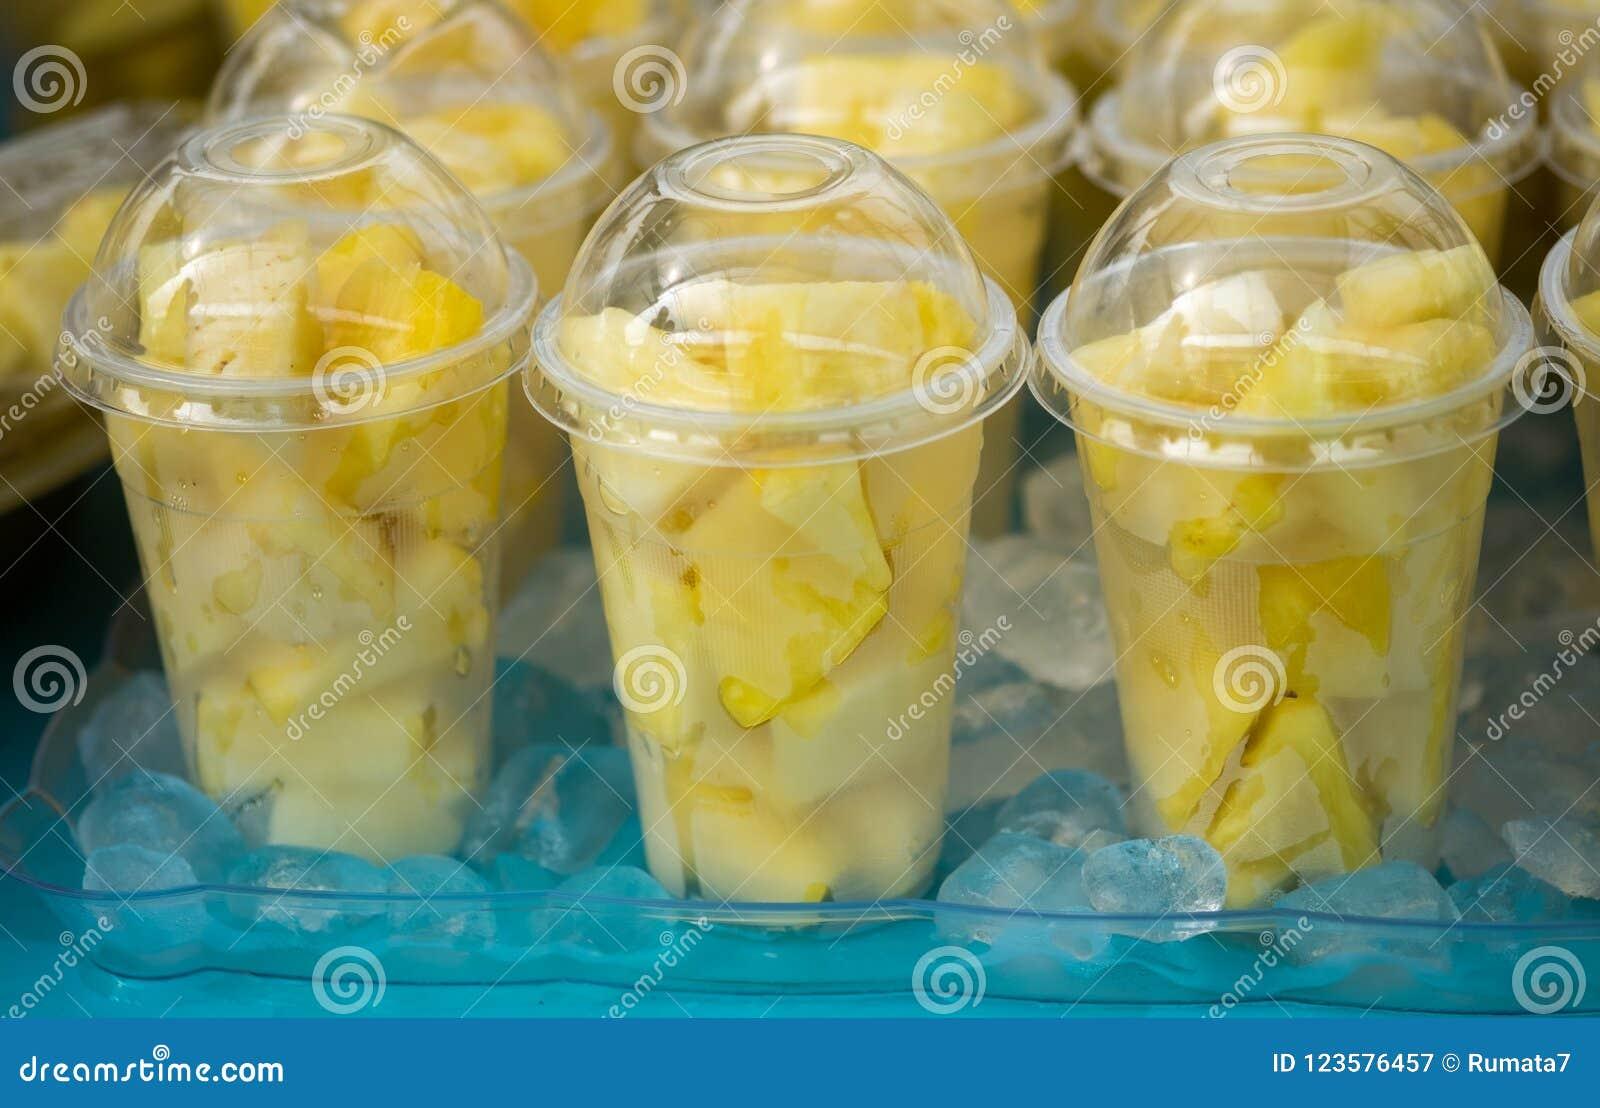 Свежий ананас соединяет салат в пластичных прозрачных чашках